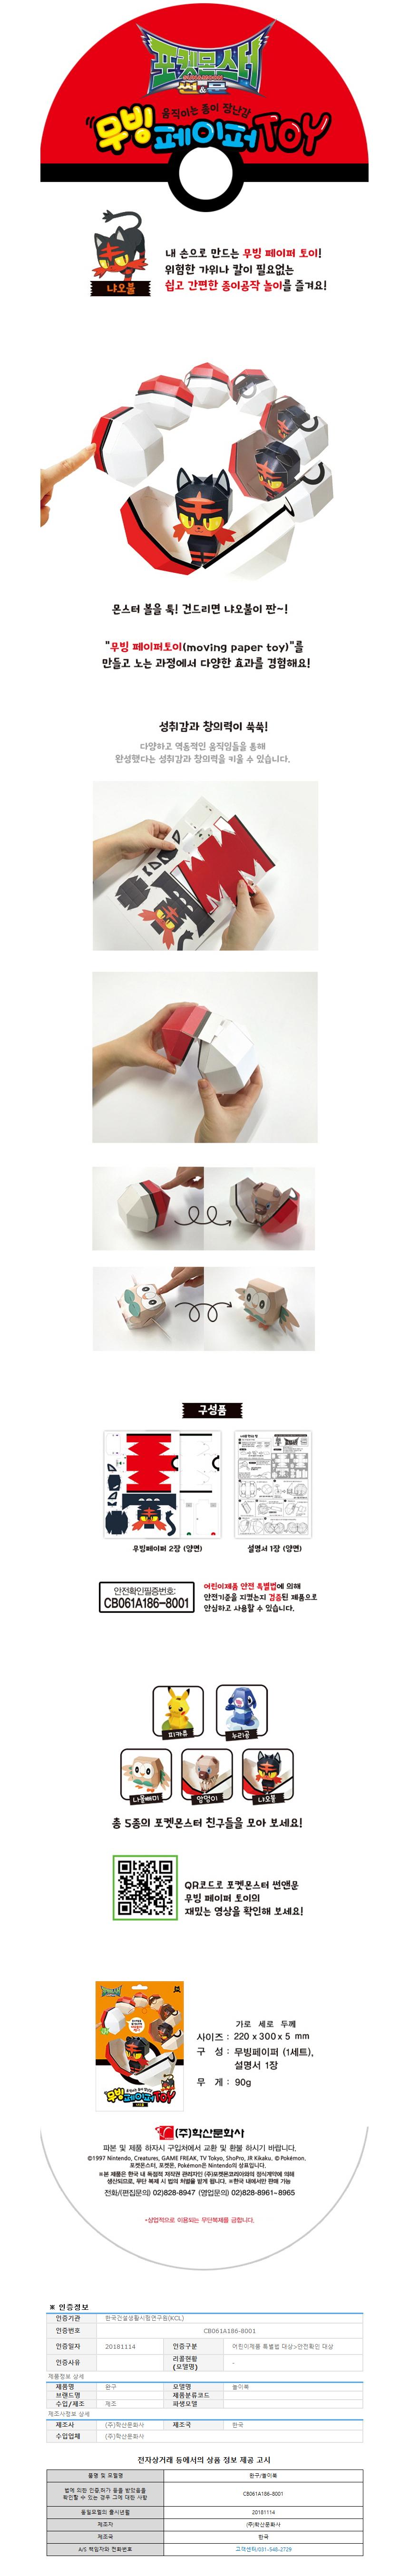 학산문화사 포켓몬스터 썬앤문 무빙 페이퍼 토이 냐오불생활